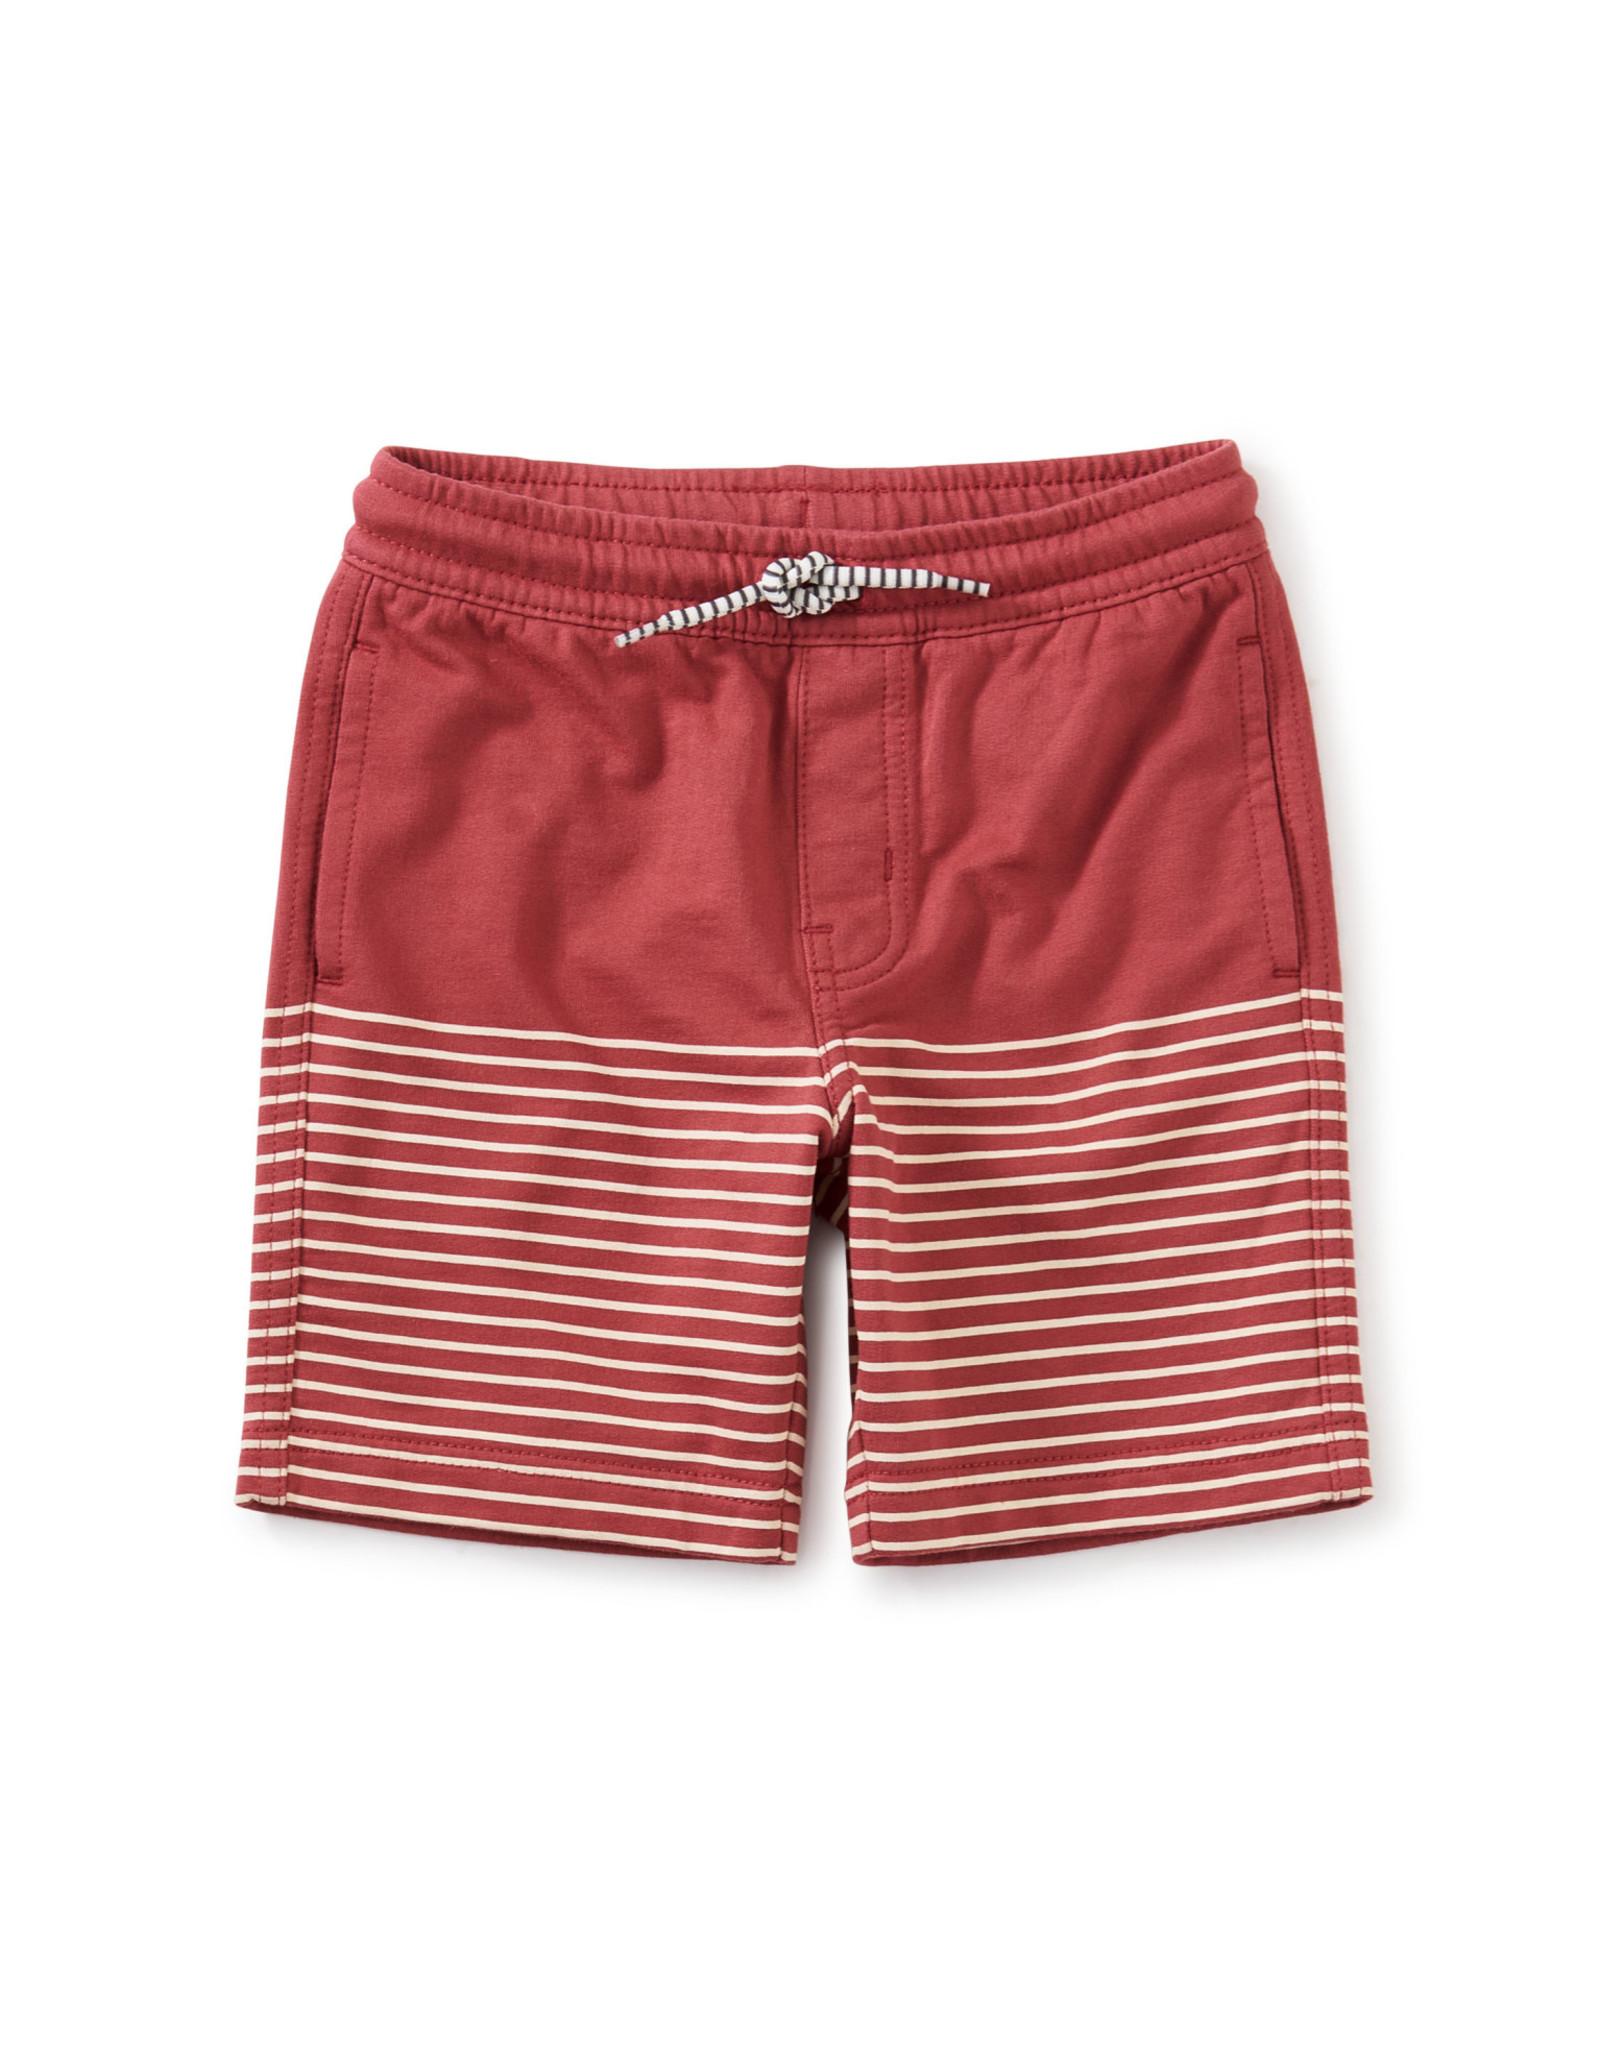 Tea Knit Beach Shorts, Earth Red